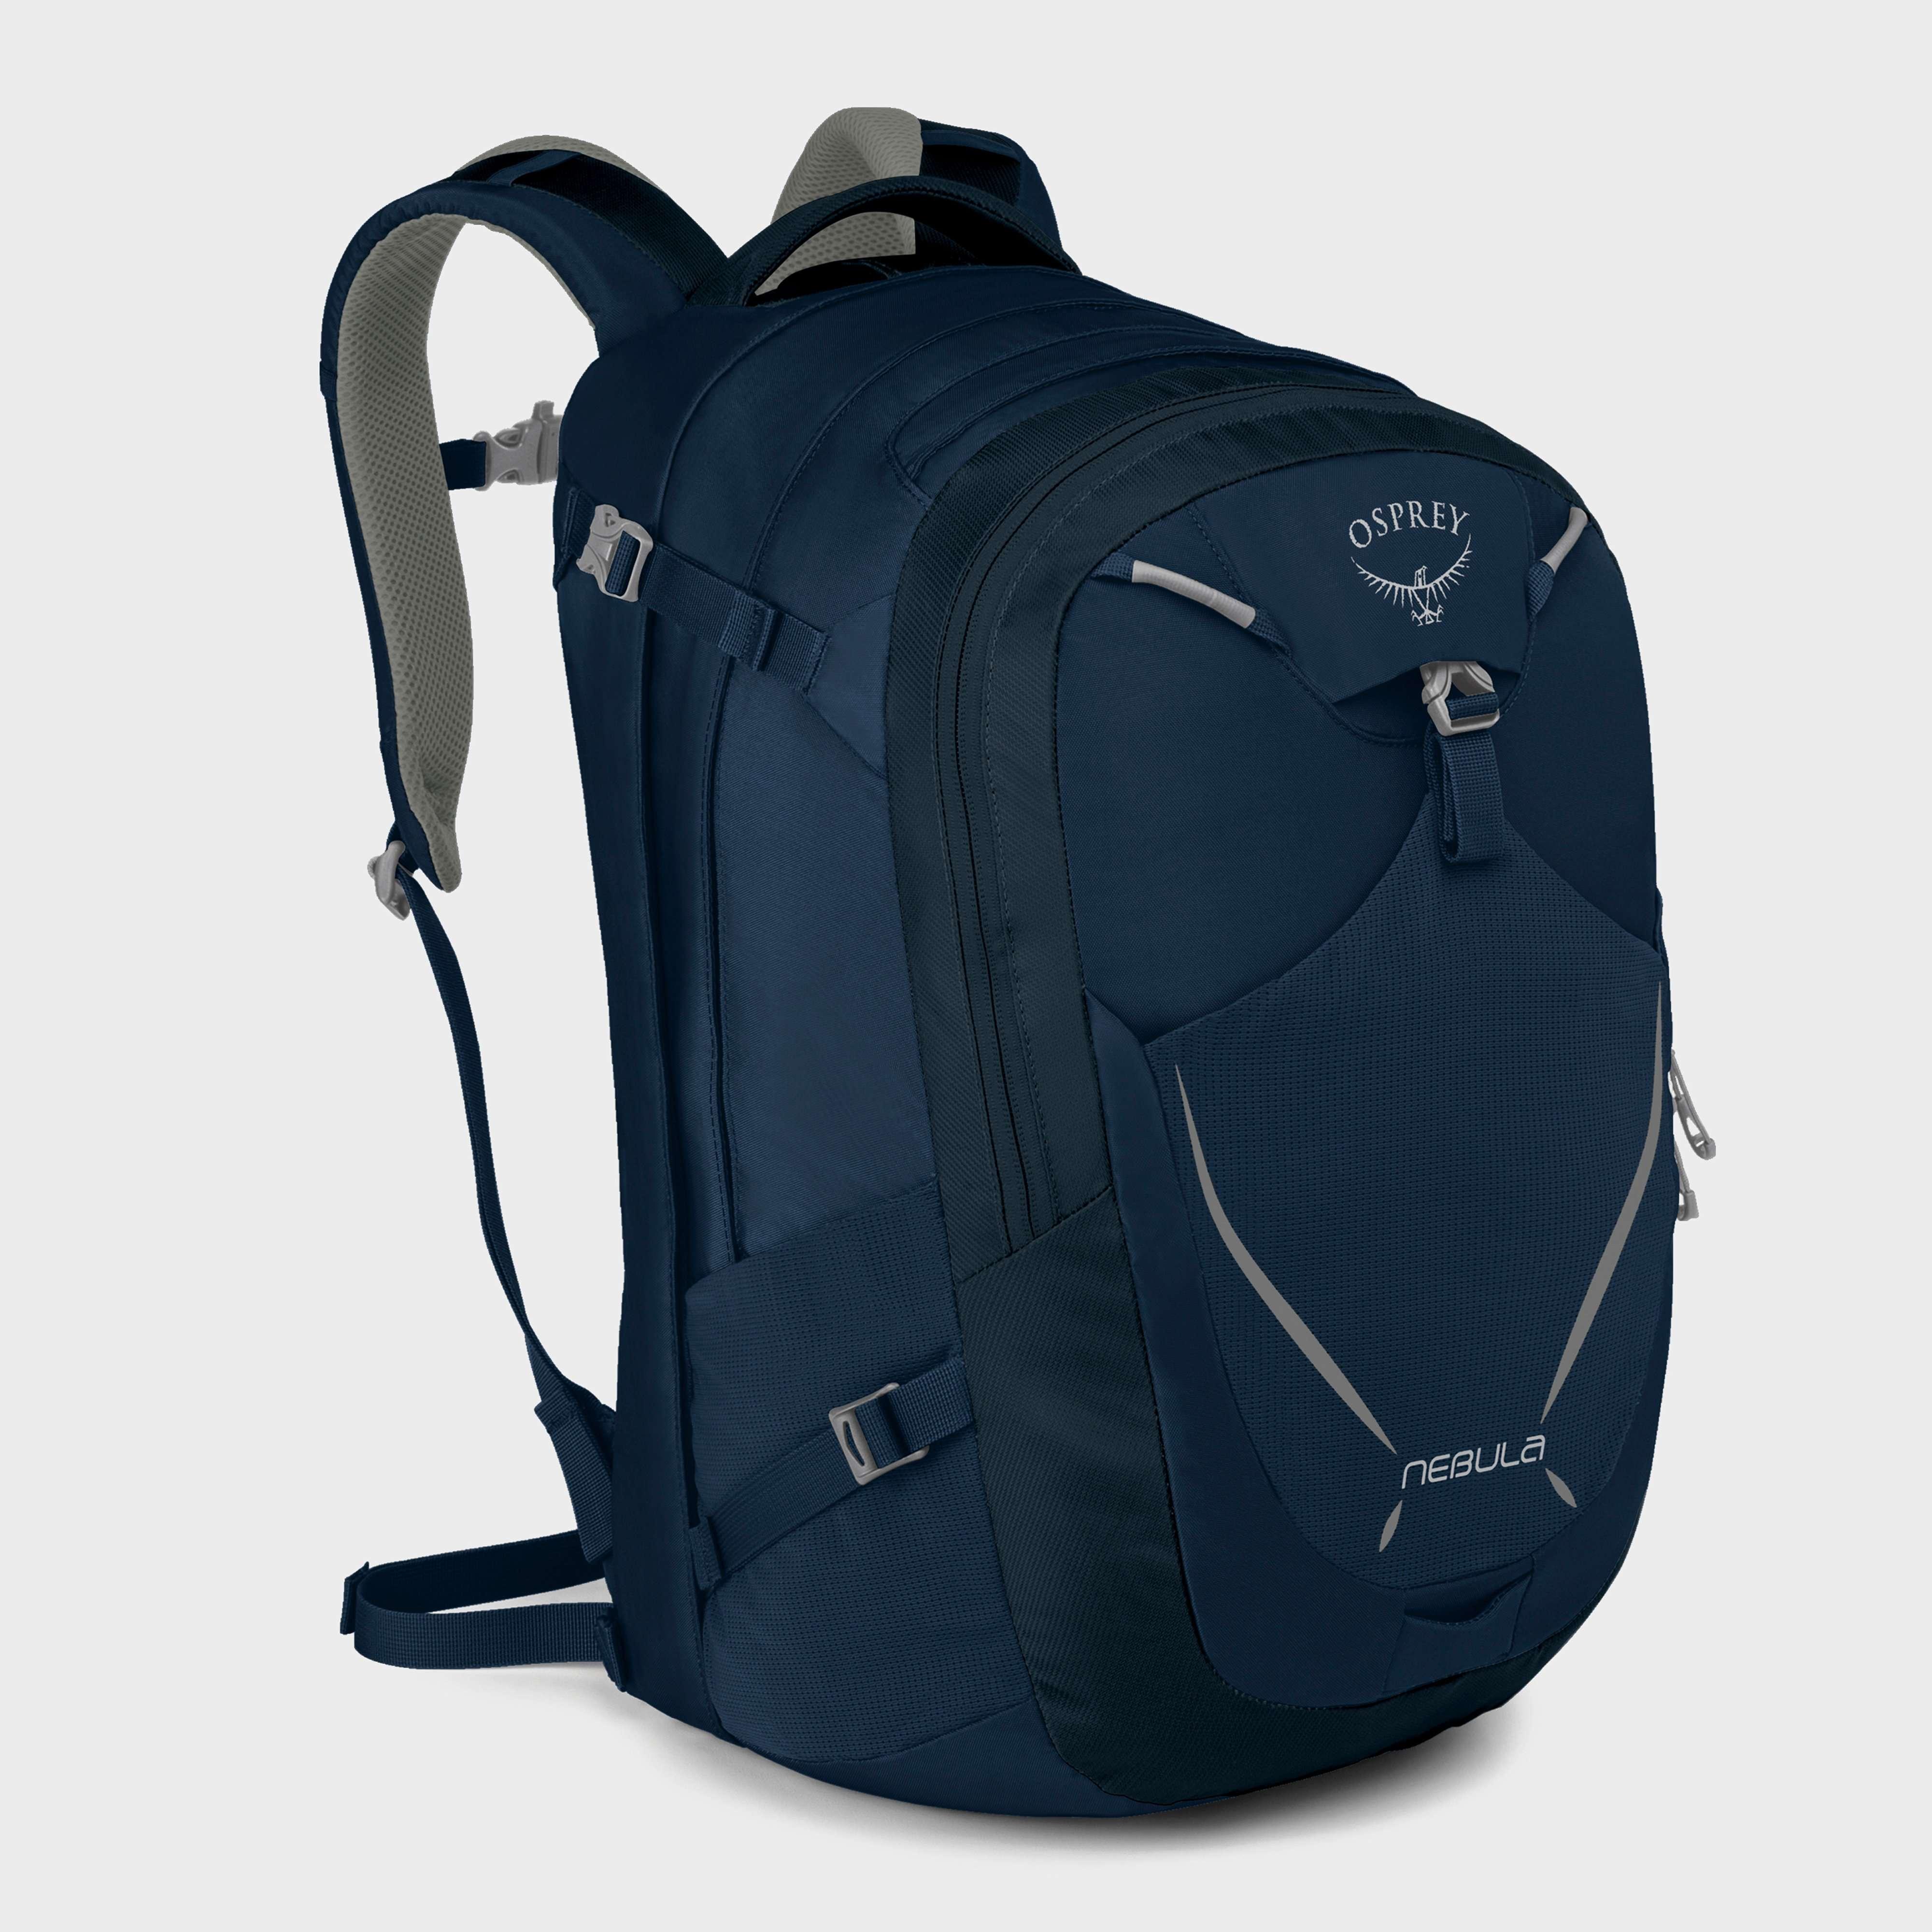 OSPREY Nebula 34 Backpack